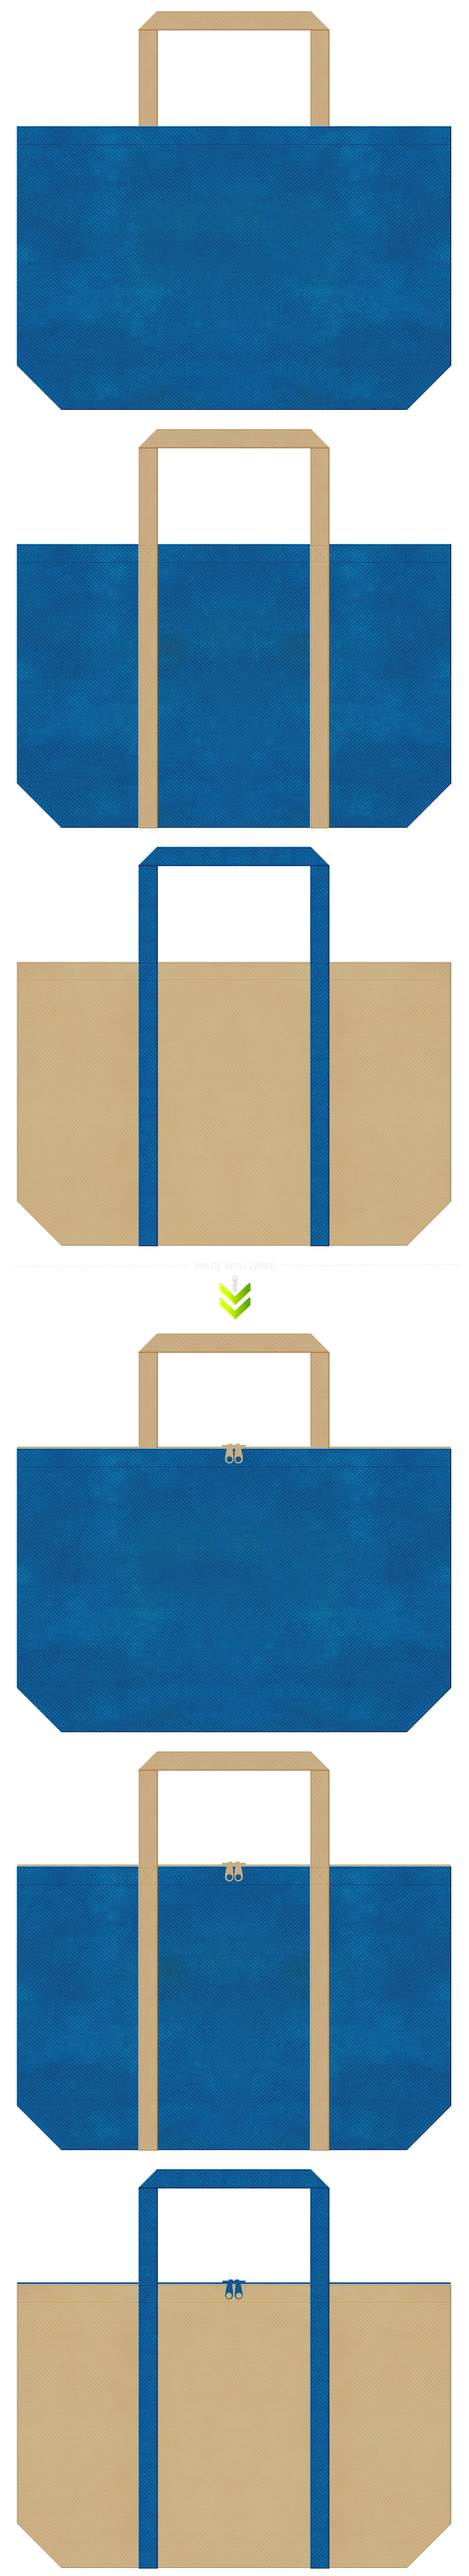 オンラインゲーム・ロールプレイングゲームの展示会用バッグにお奨めの不織布バッグデザイン:青色とカーキ色のコーデ